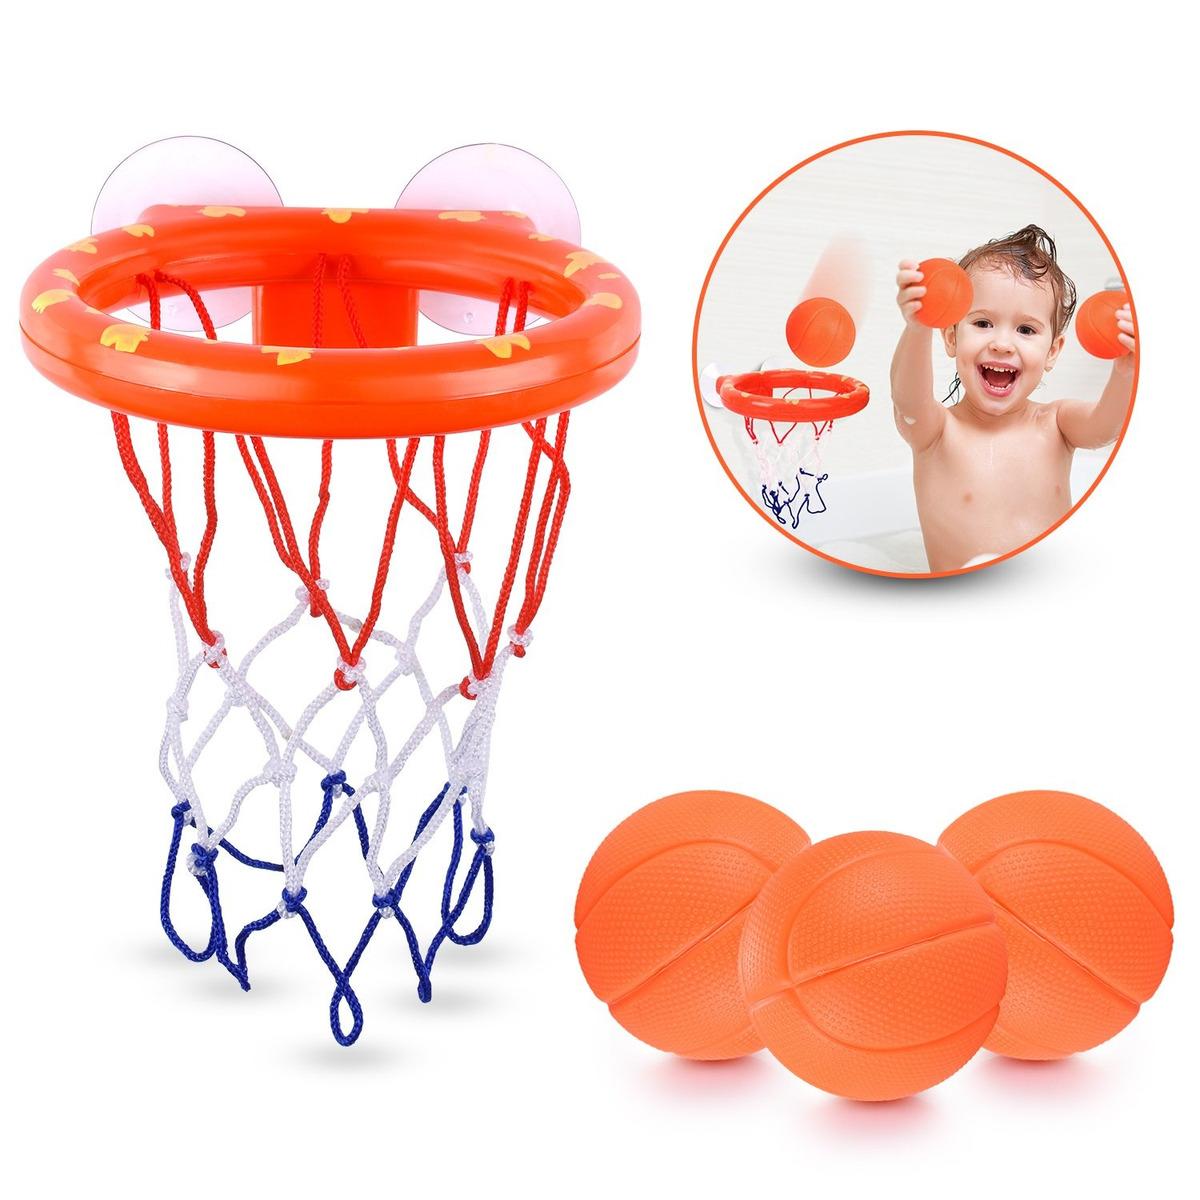 Juegos de basquet para ninos pequenos